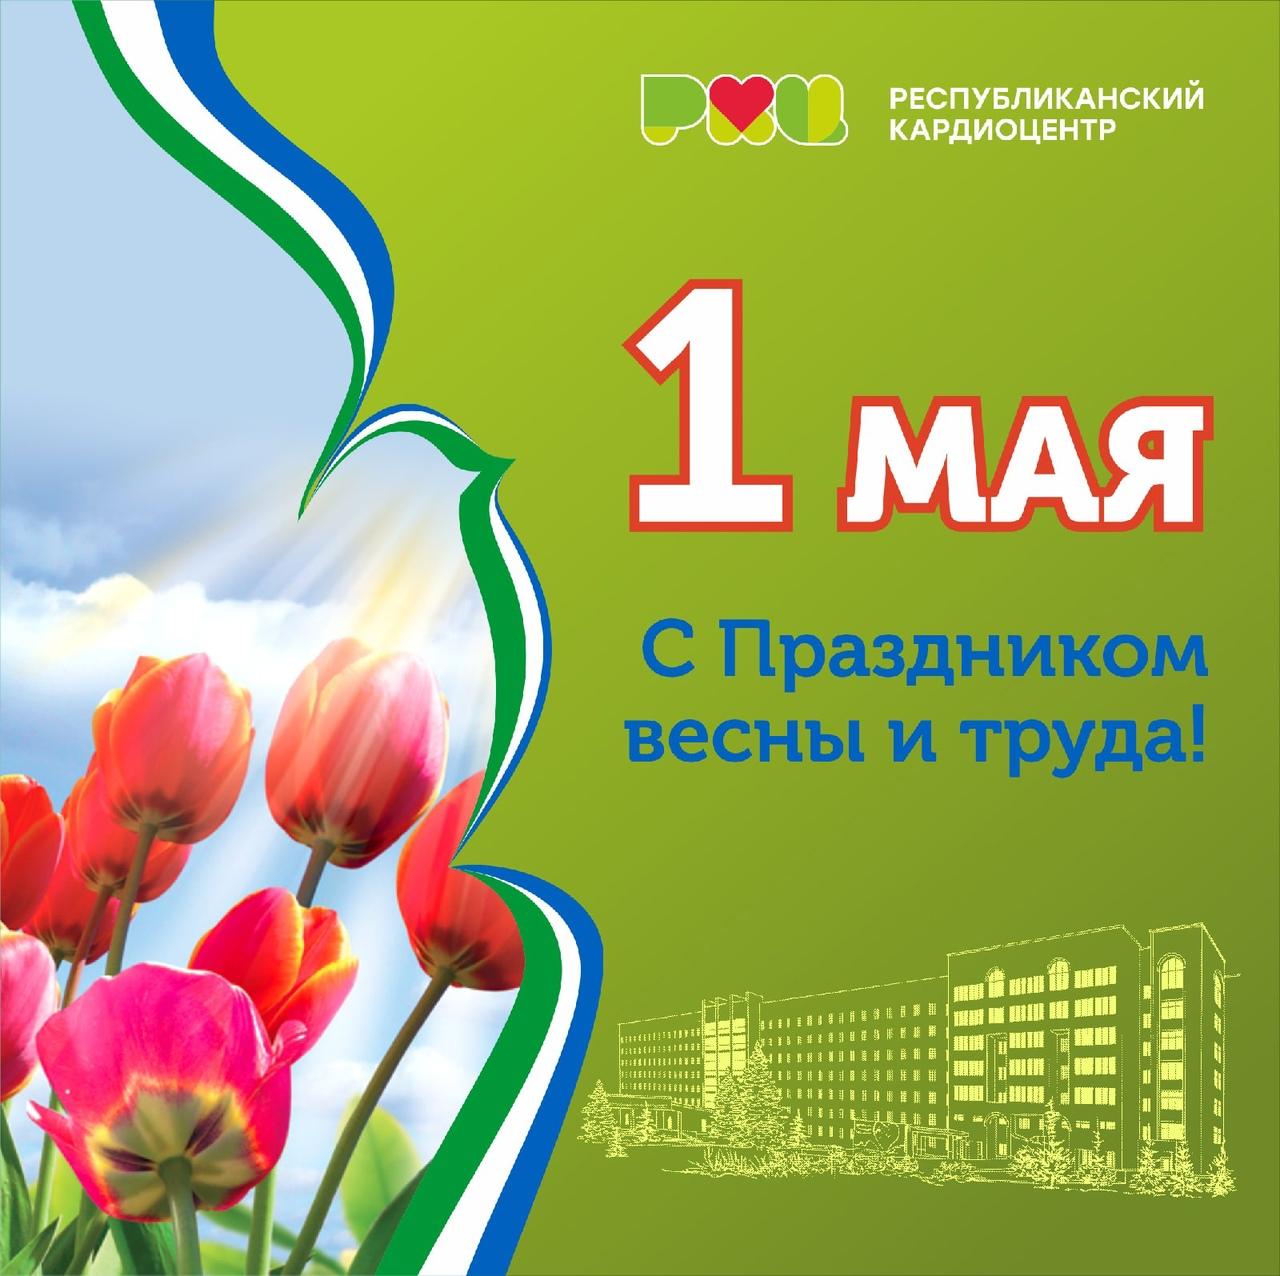 Примите искренние поздравления от имени коллектива Республиканского кардиологического центра с праздником  Весны и Труда!